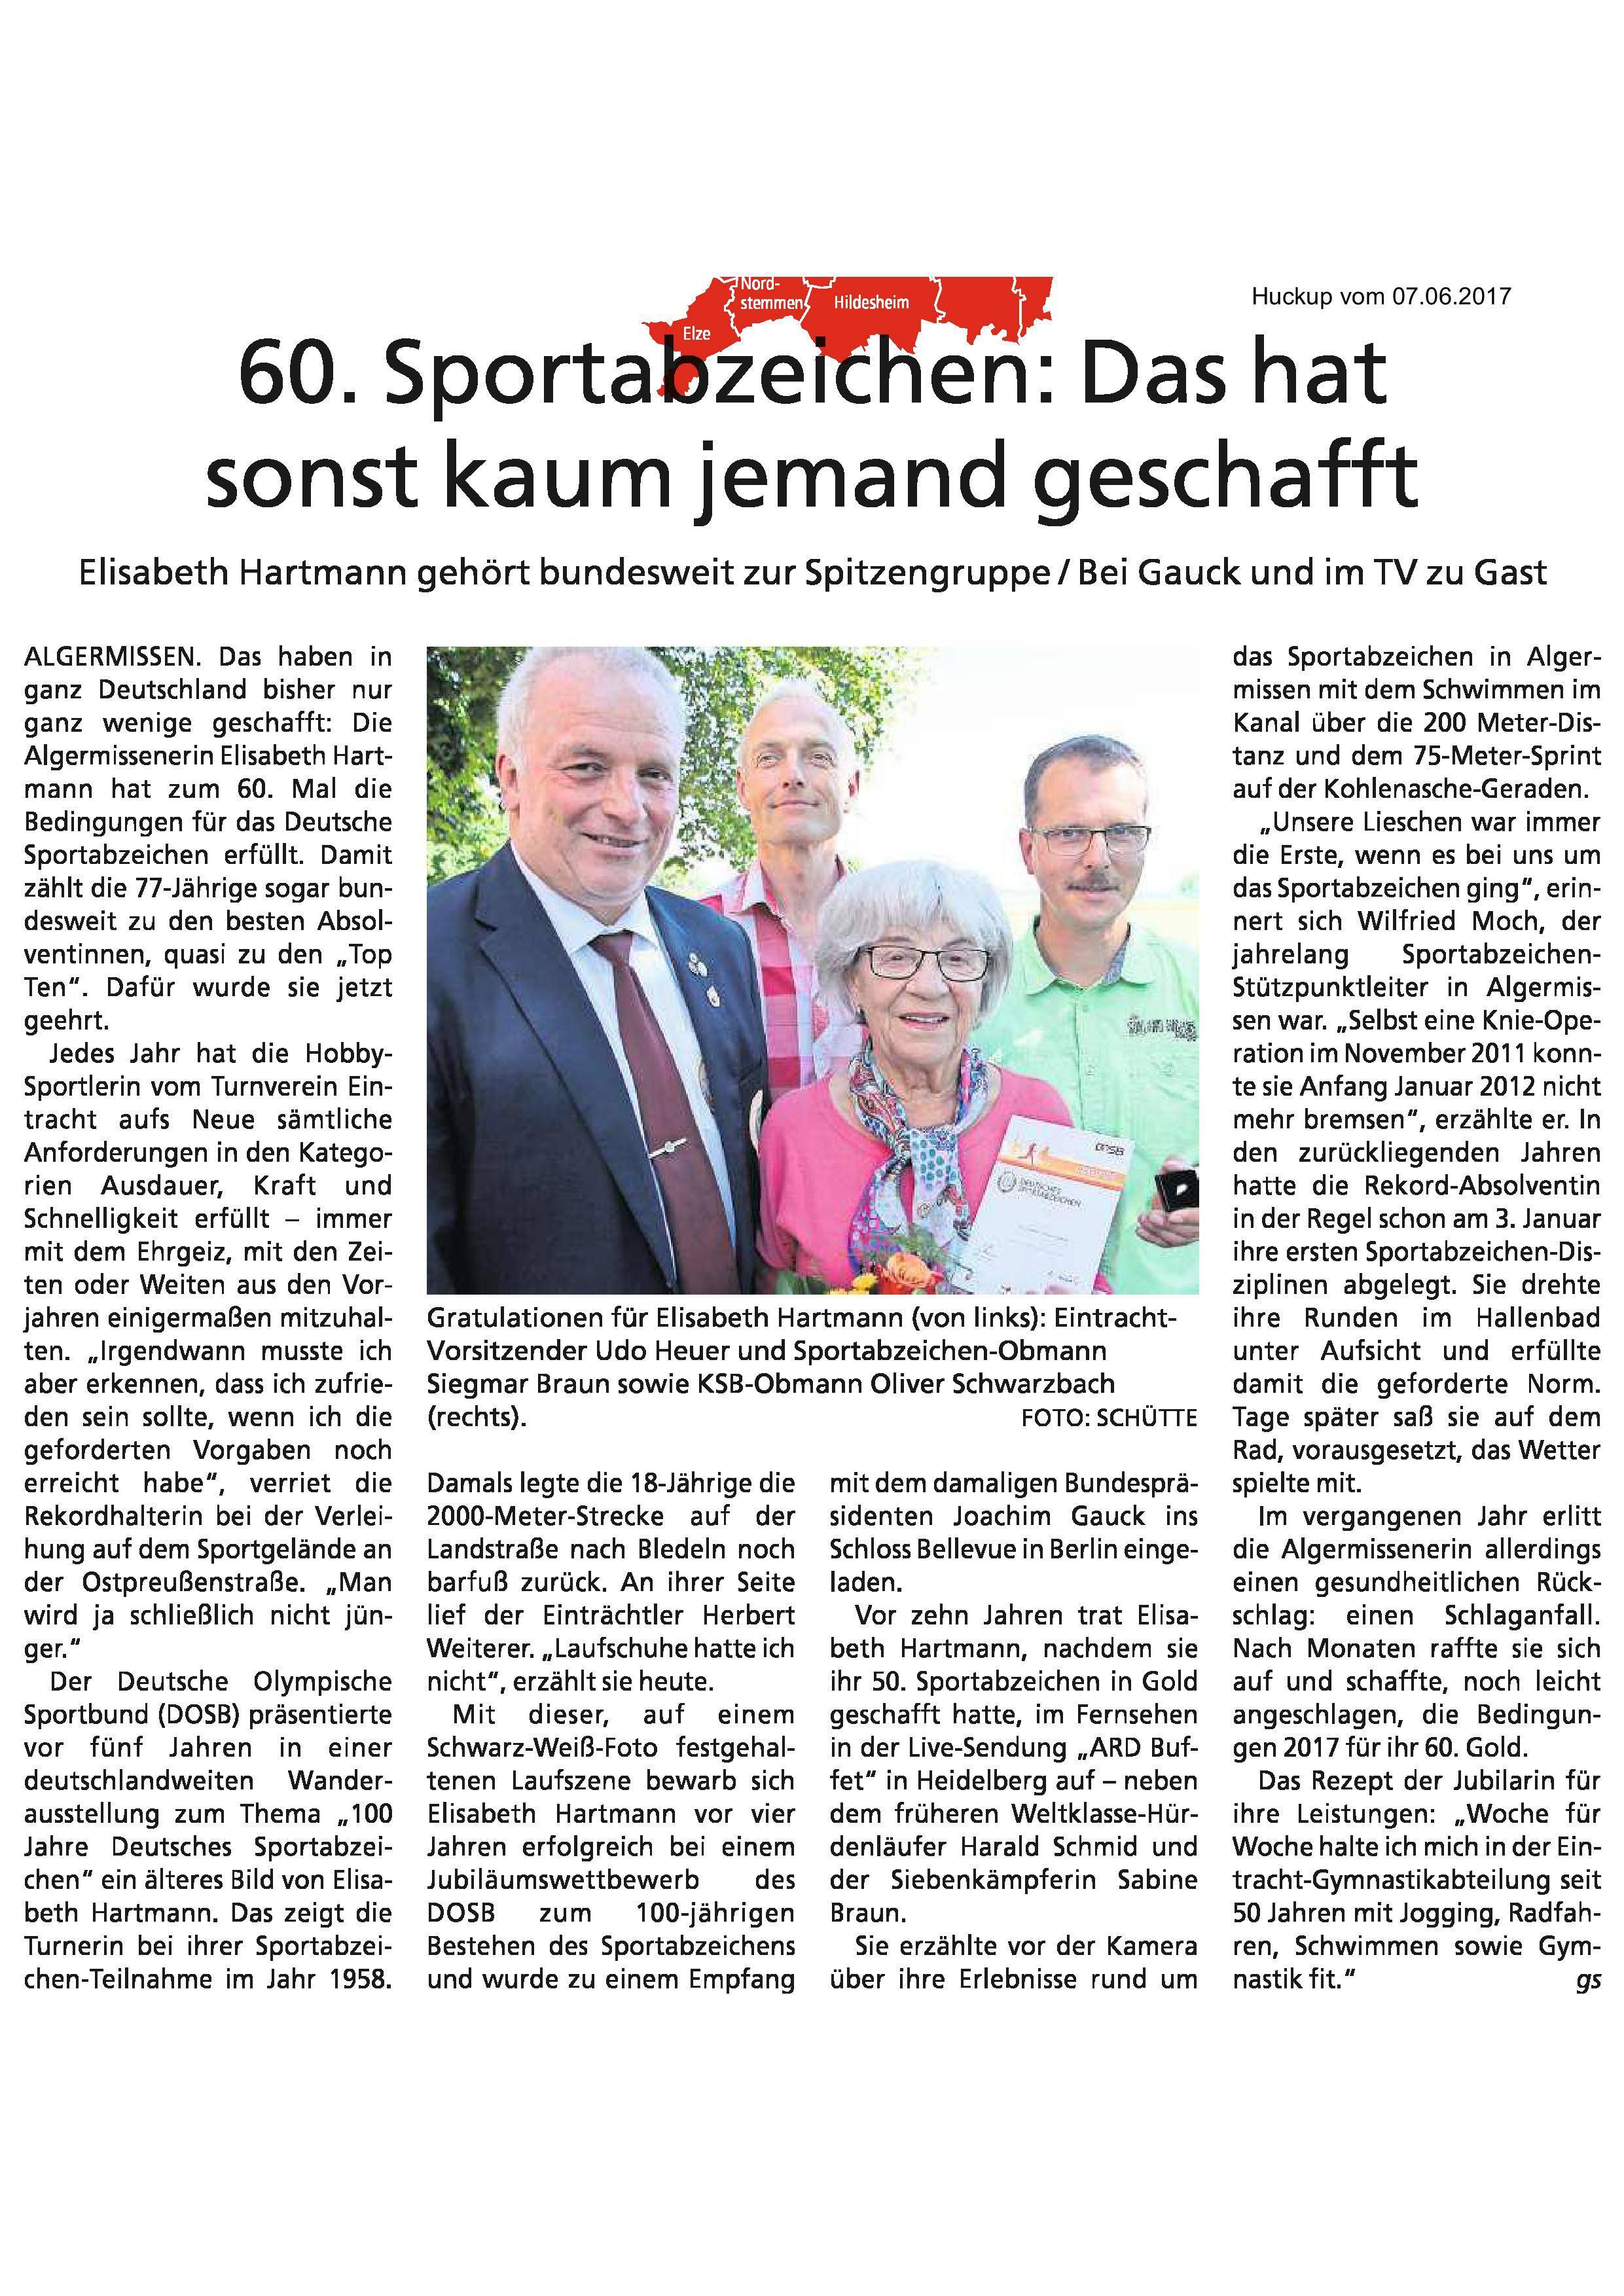 2017_06_07_huckup_sportabzeichenverleihung_60_hartmann-page-001